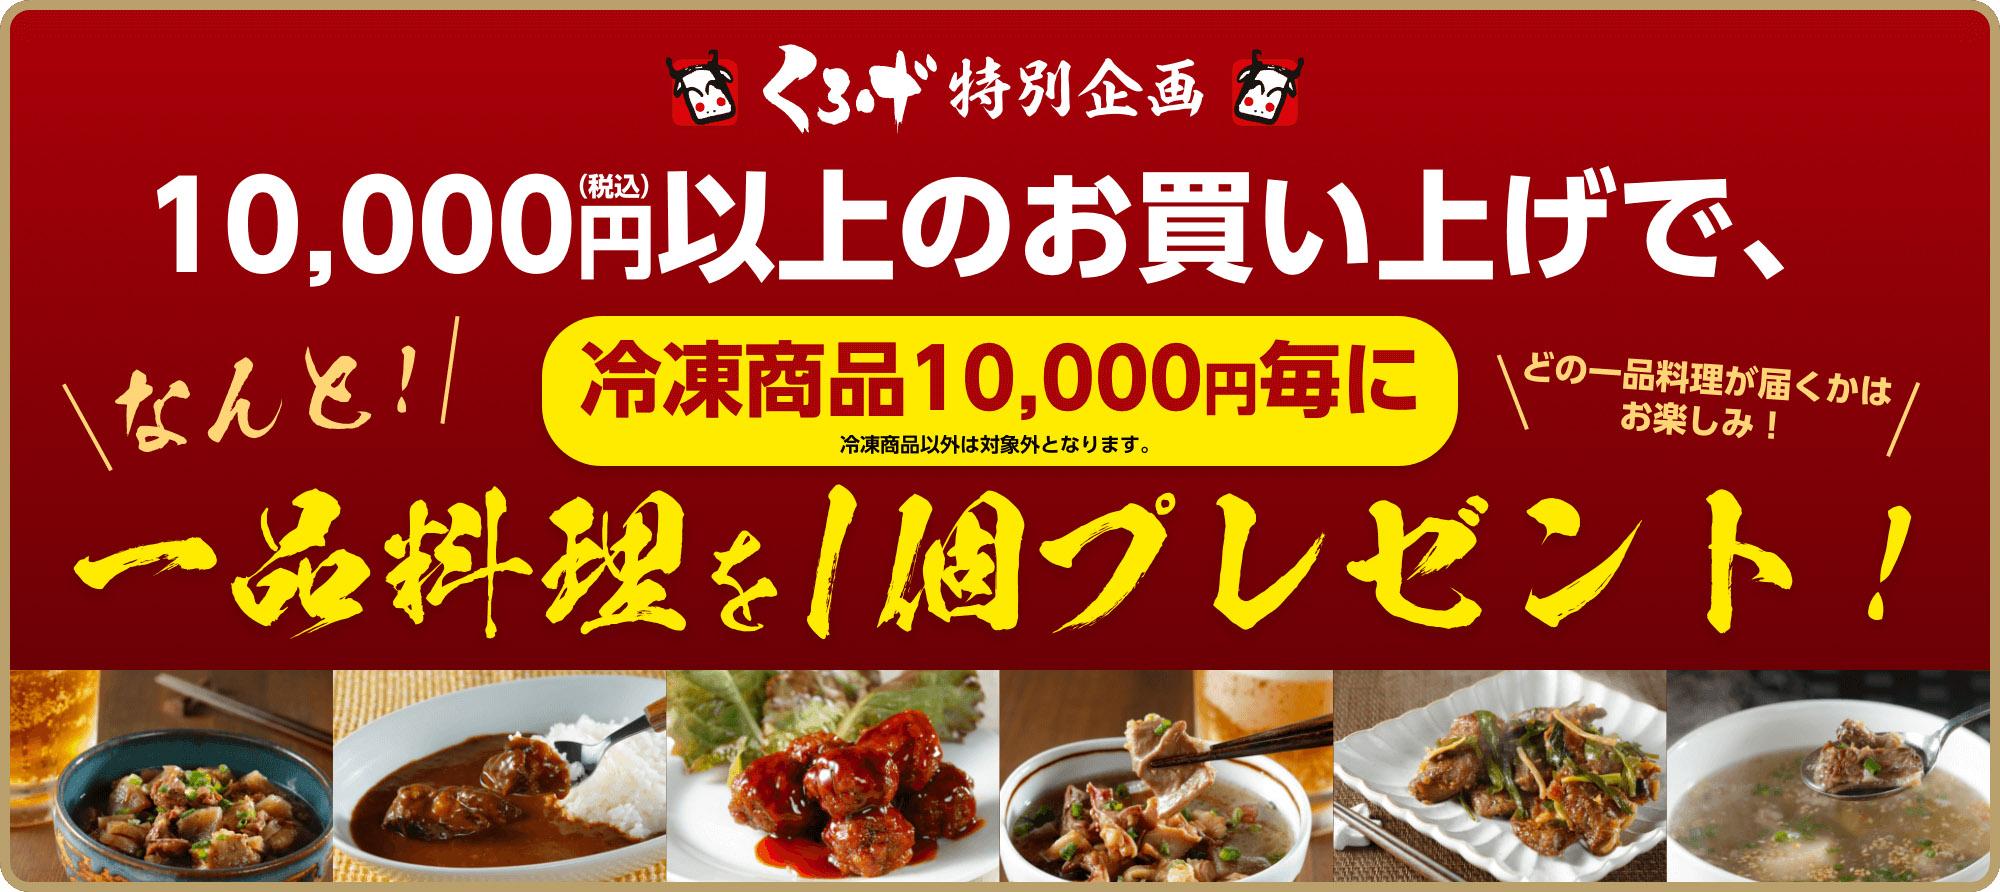 くろげ特別企画10,000円以上のお買い上げで10,000円毎に一品料理を一個プレゼント!